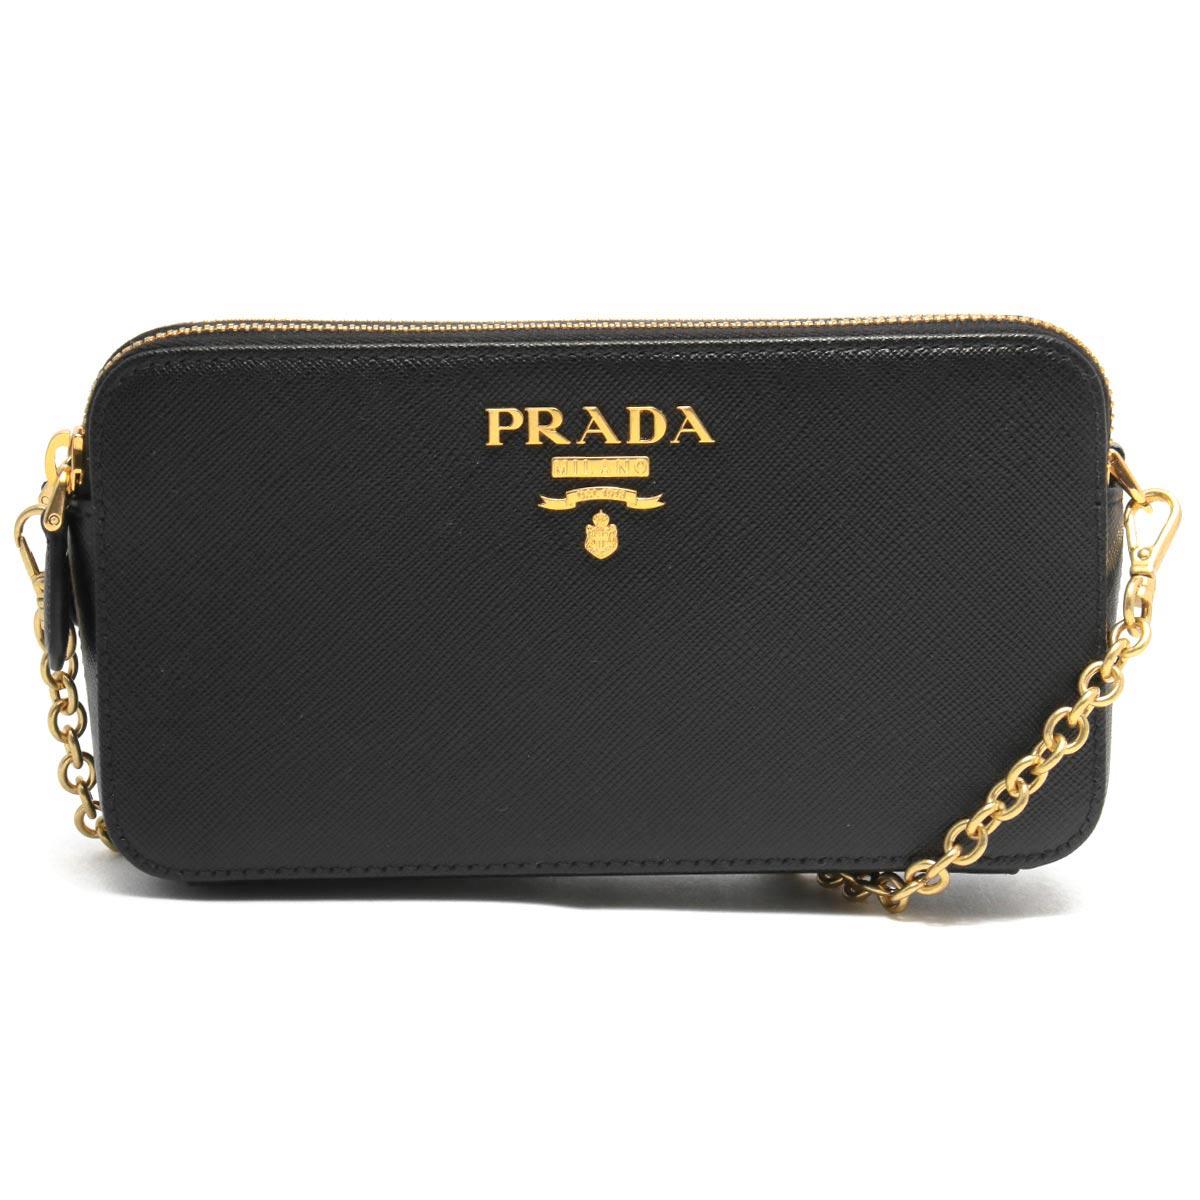 プラダ ショルダーバッグ/クラッチバッグ バッグ レディース サフィアーノ メタル ブラック 1DH010 QWA F0002 PRADA